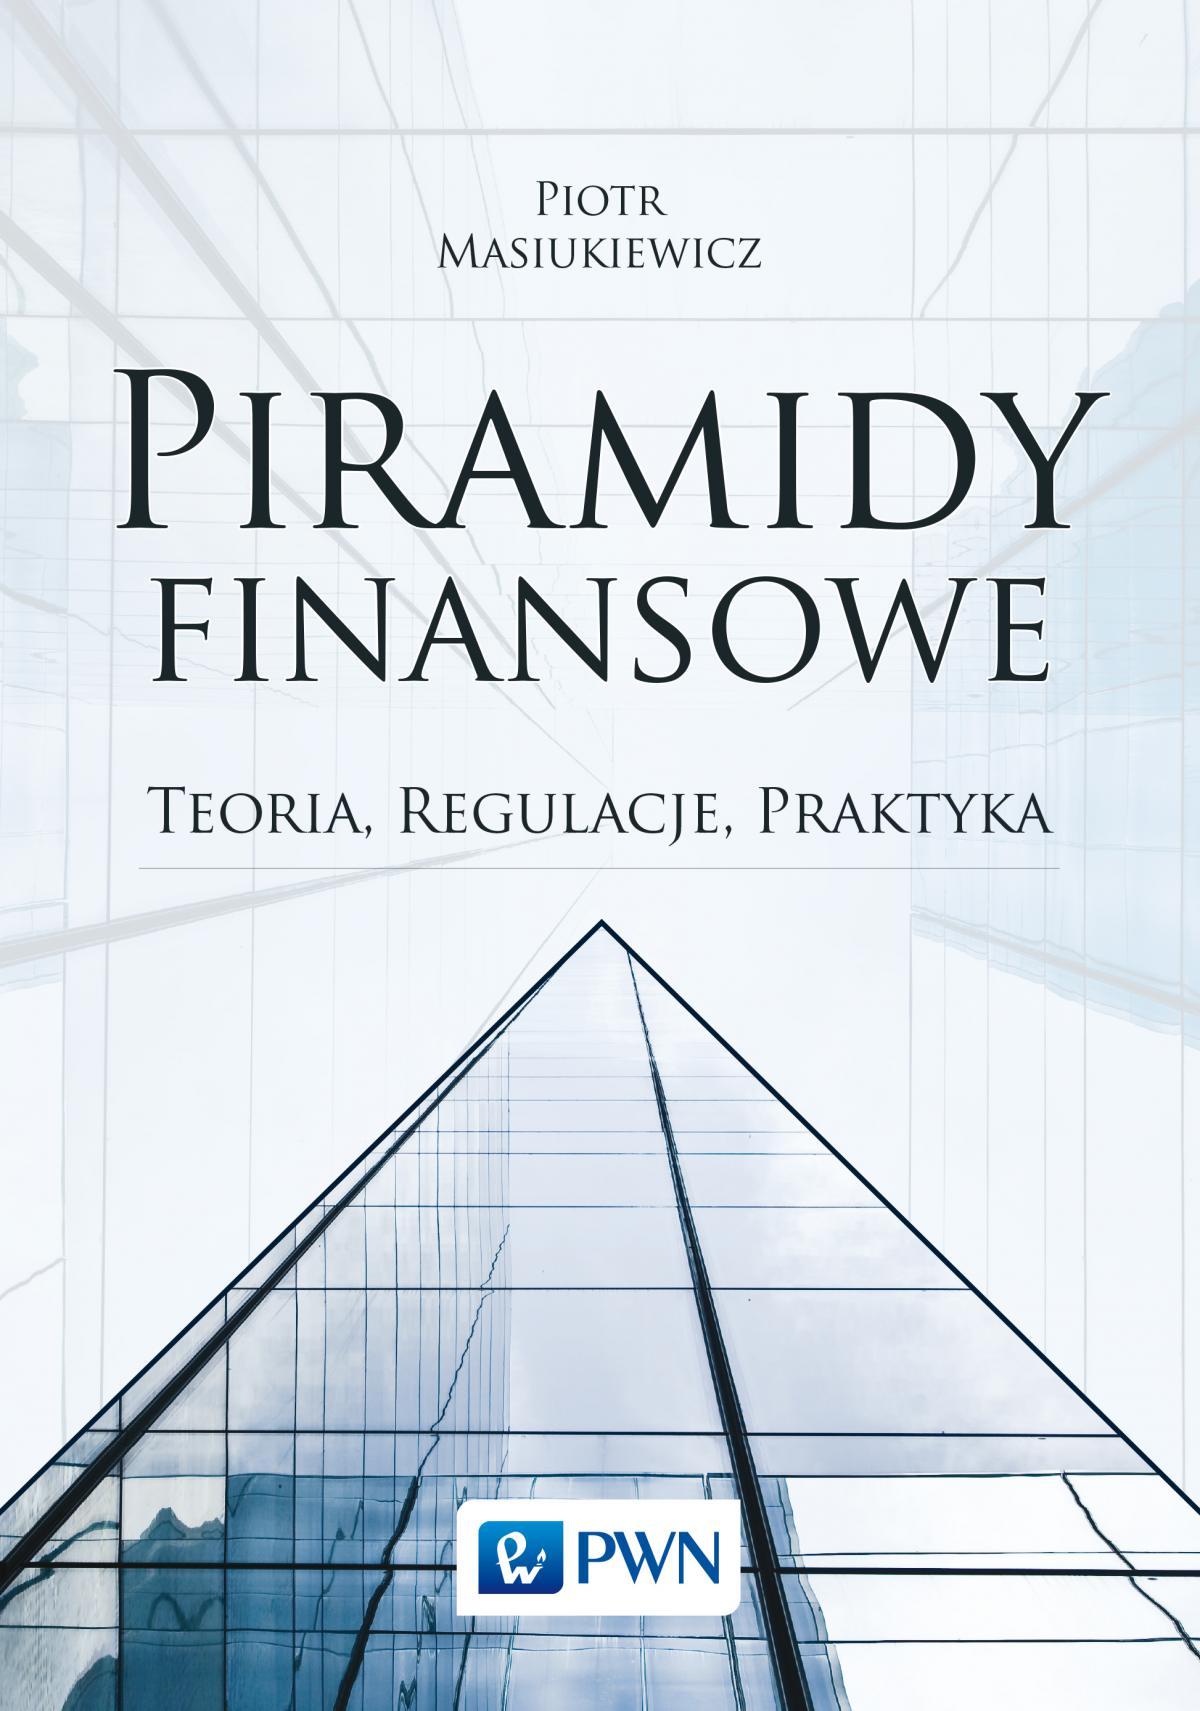 Piramidy finansowe - Ebook (Książka na Kindle) do pobrania w formacie MOBI